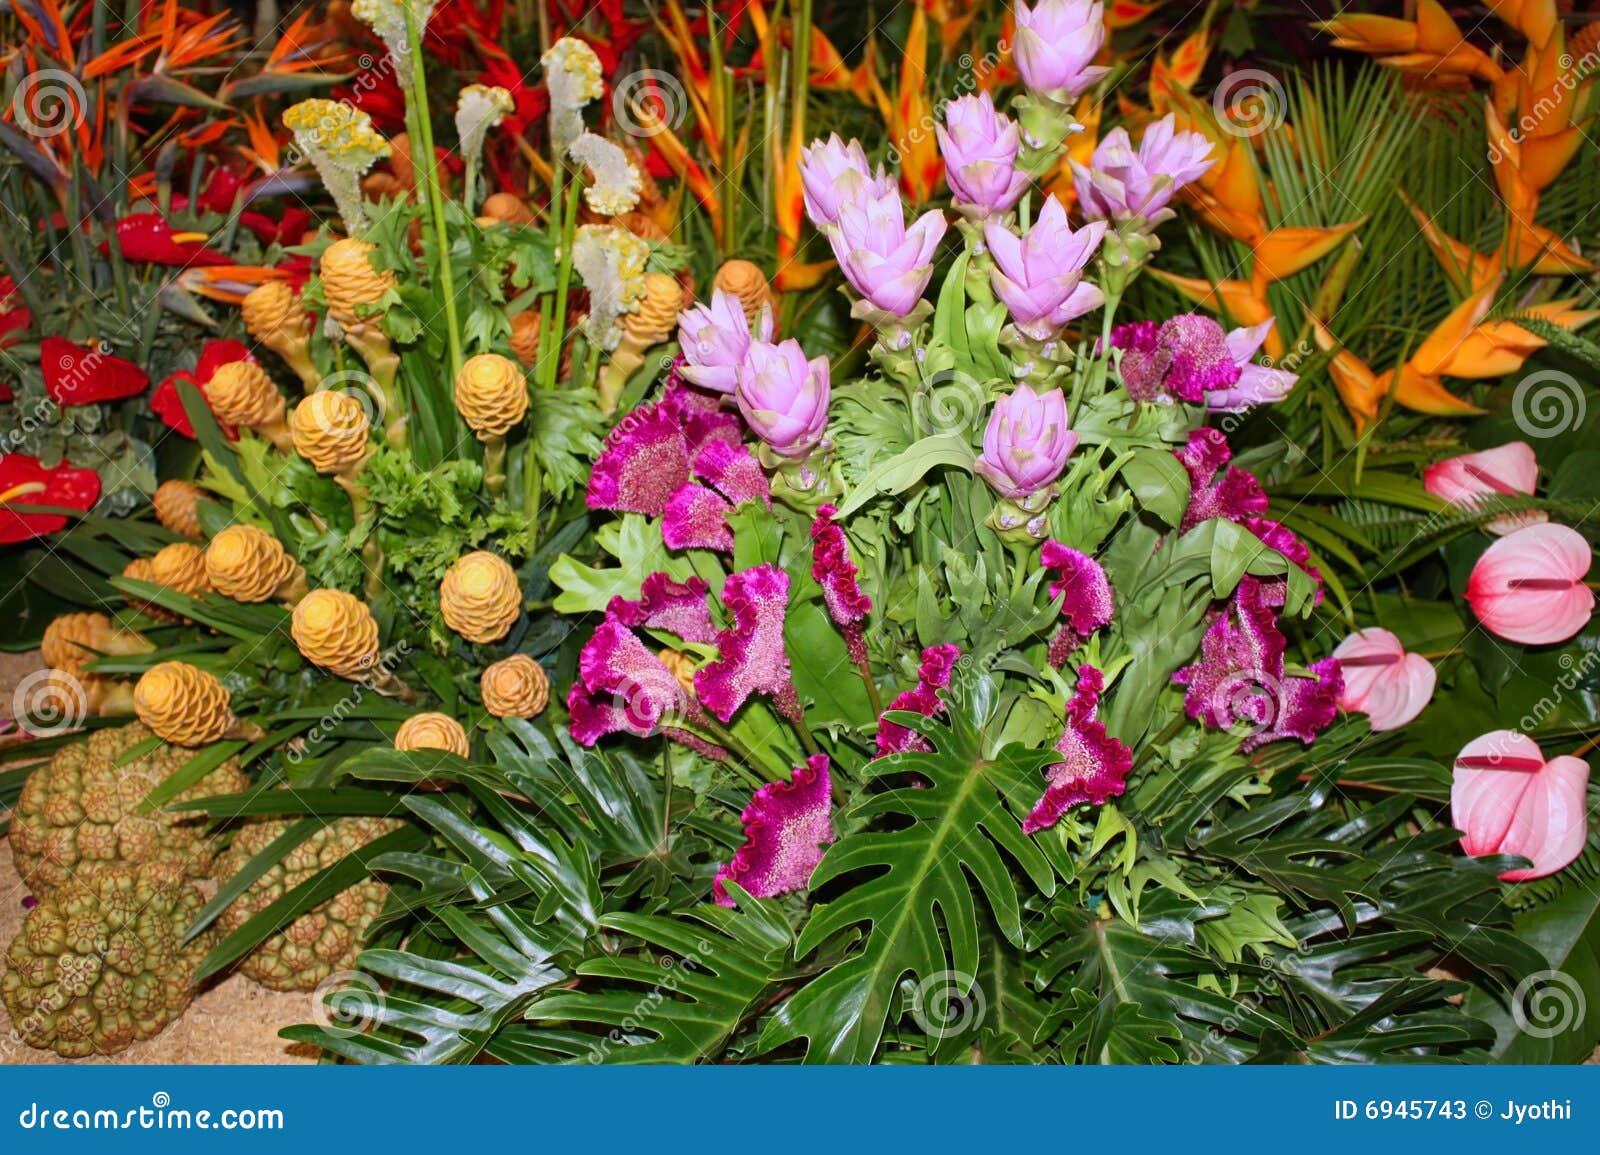 Flores tropicales fotos de archivo imagen 6945743 - Flores tropicales fotos ...